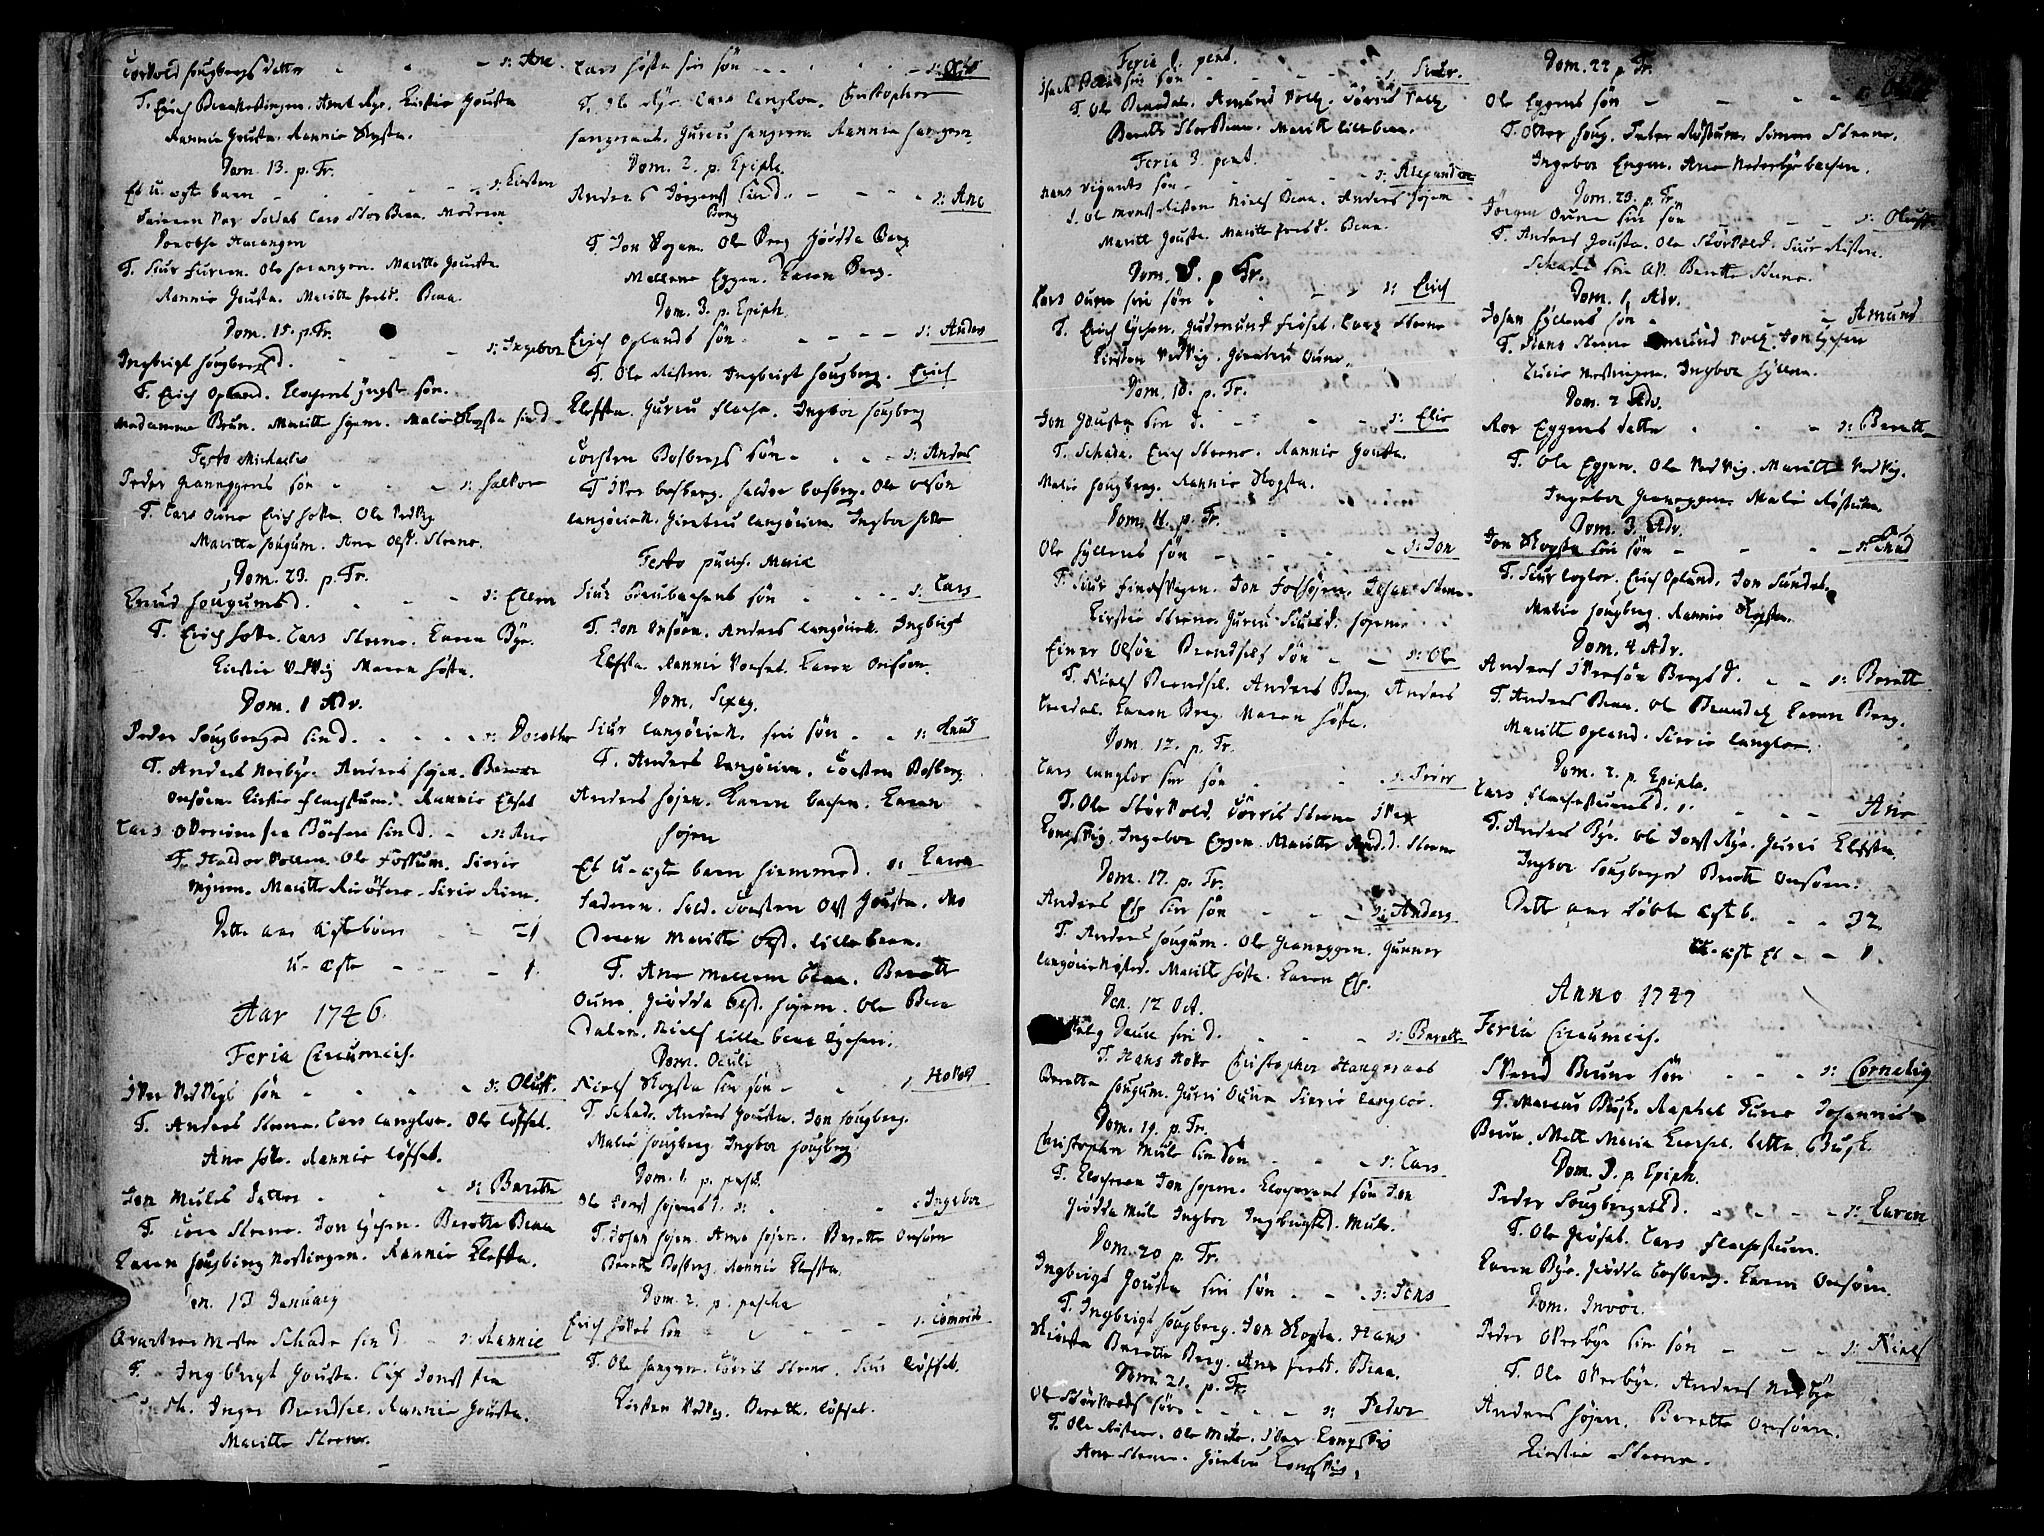 SAT, Ministerialprotokoller, klokkerbøker og fødselsregistre - Sør-Trøndelag, 612/L0368: Ministerialbok nr. 612A02, 1702-1753, s. 37